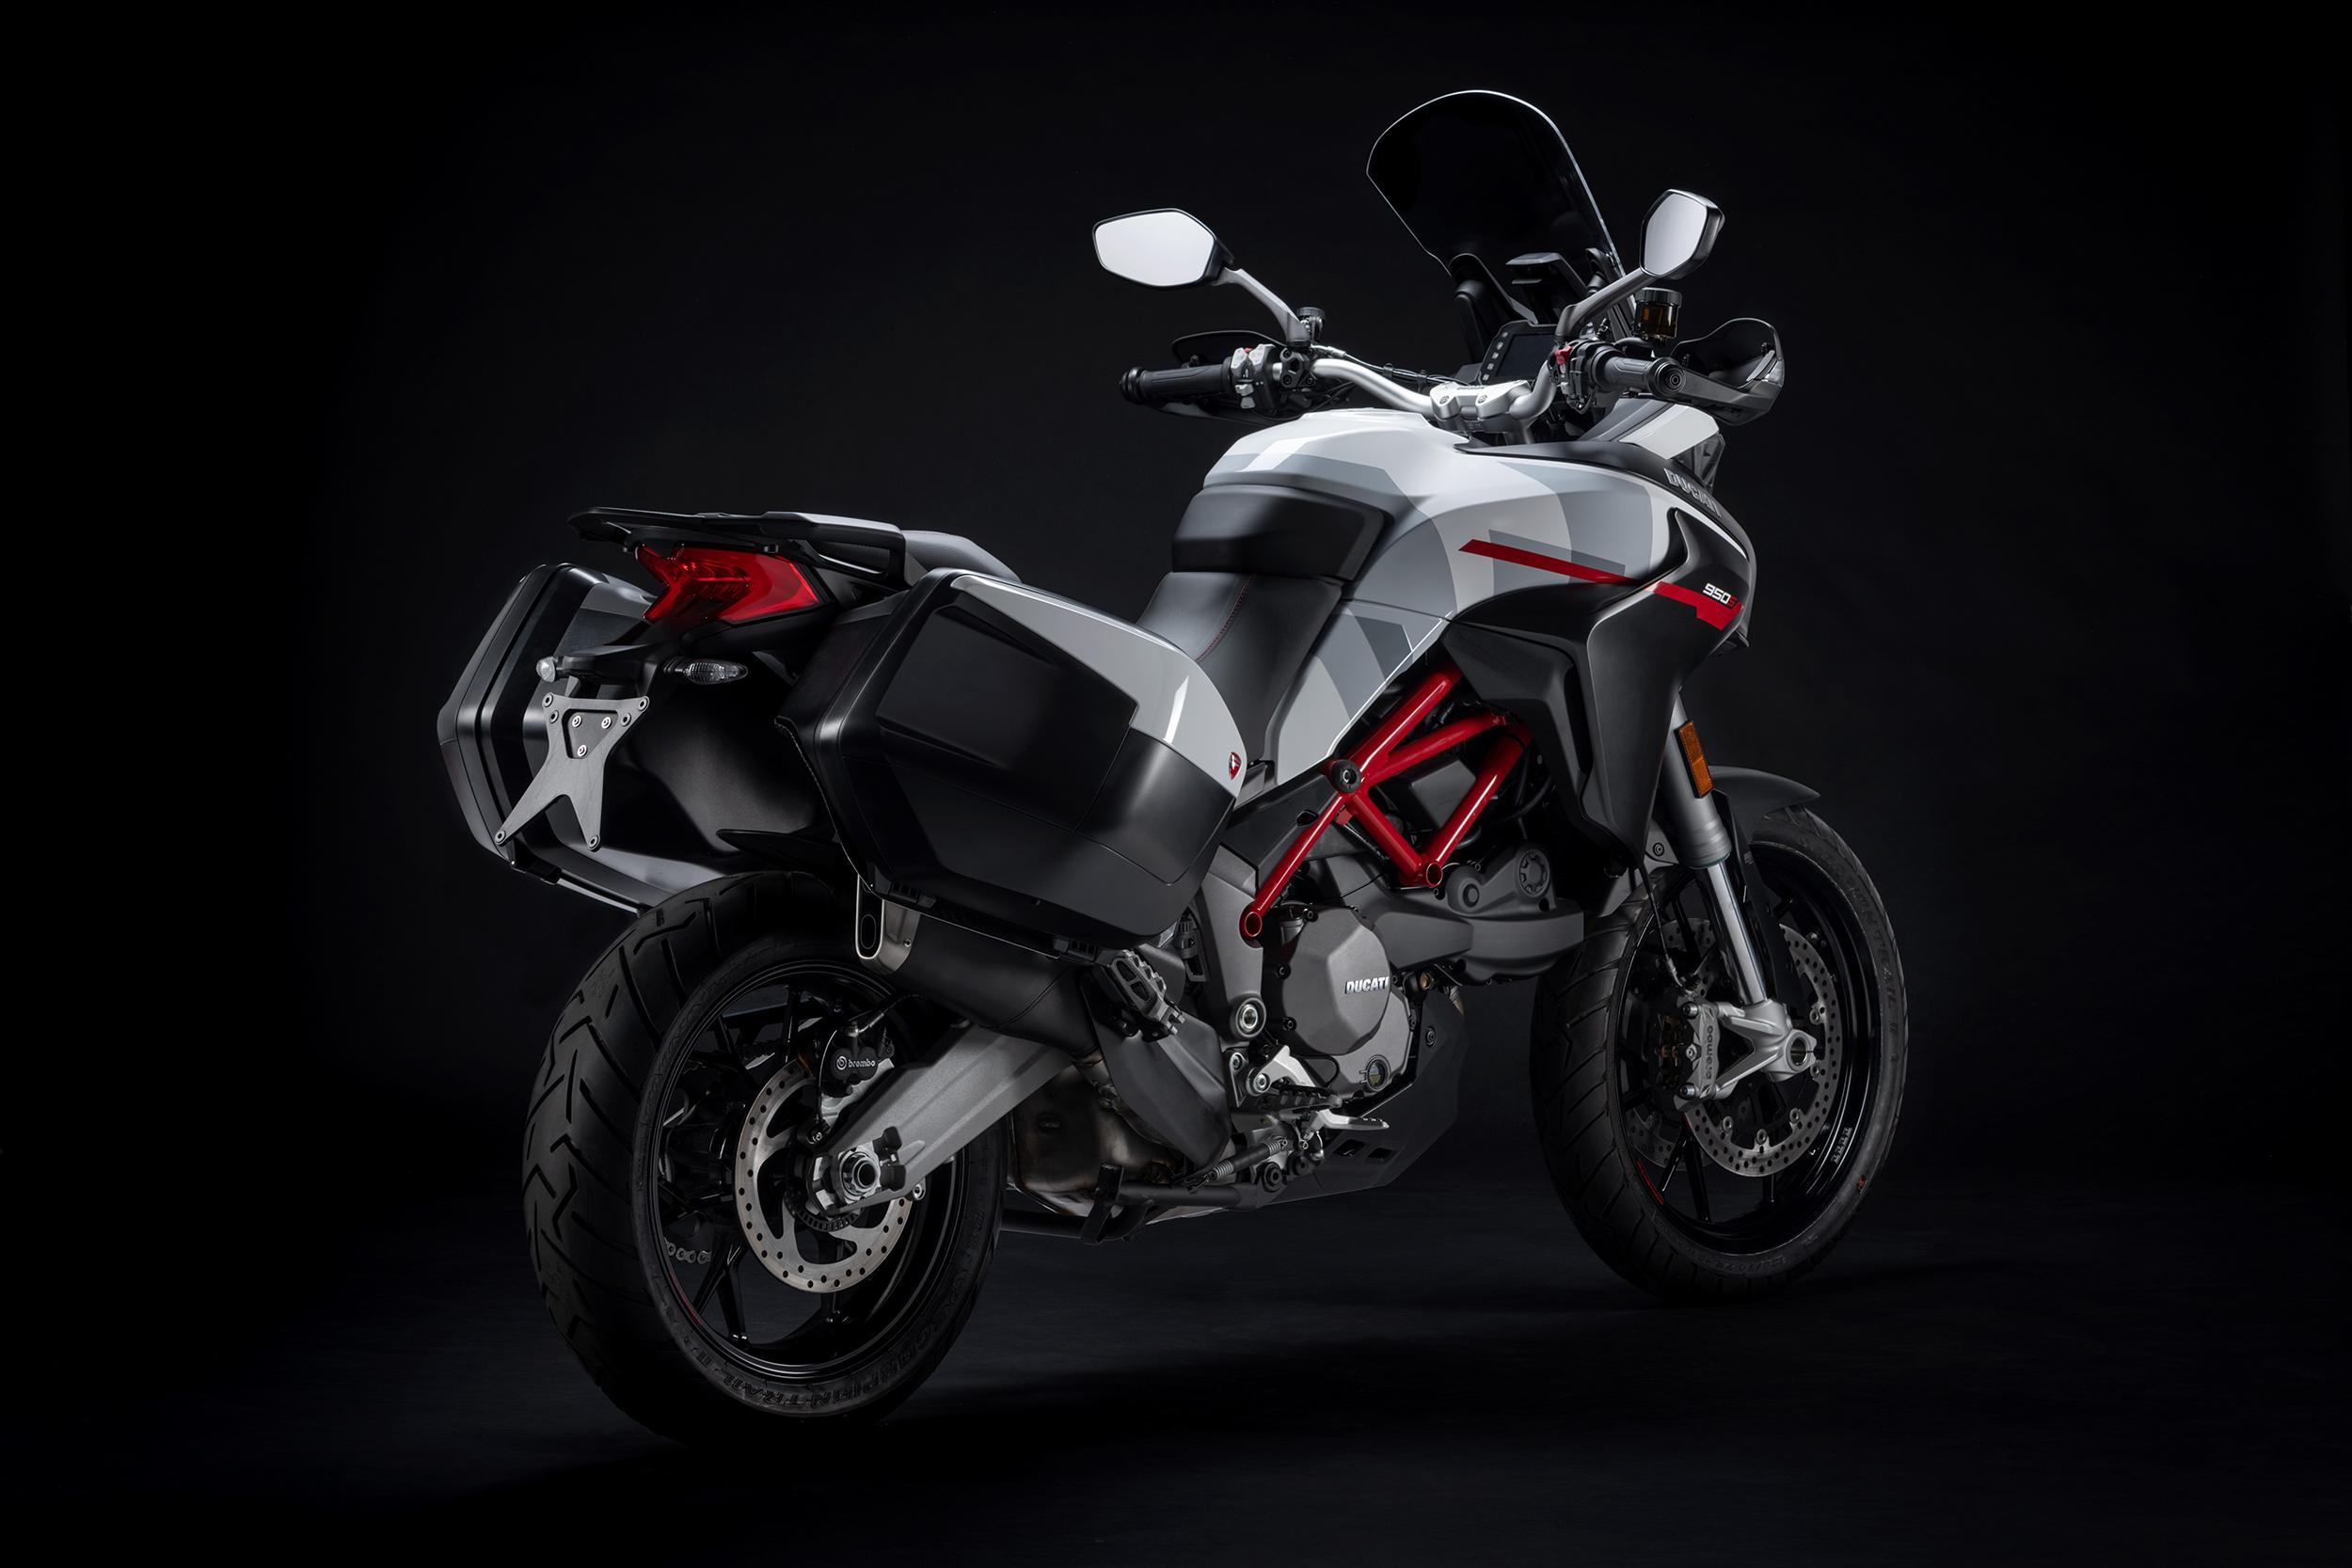 2021 Ducati Multistrada 950 S (3)